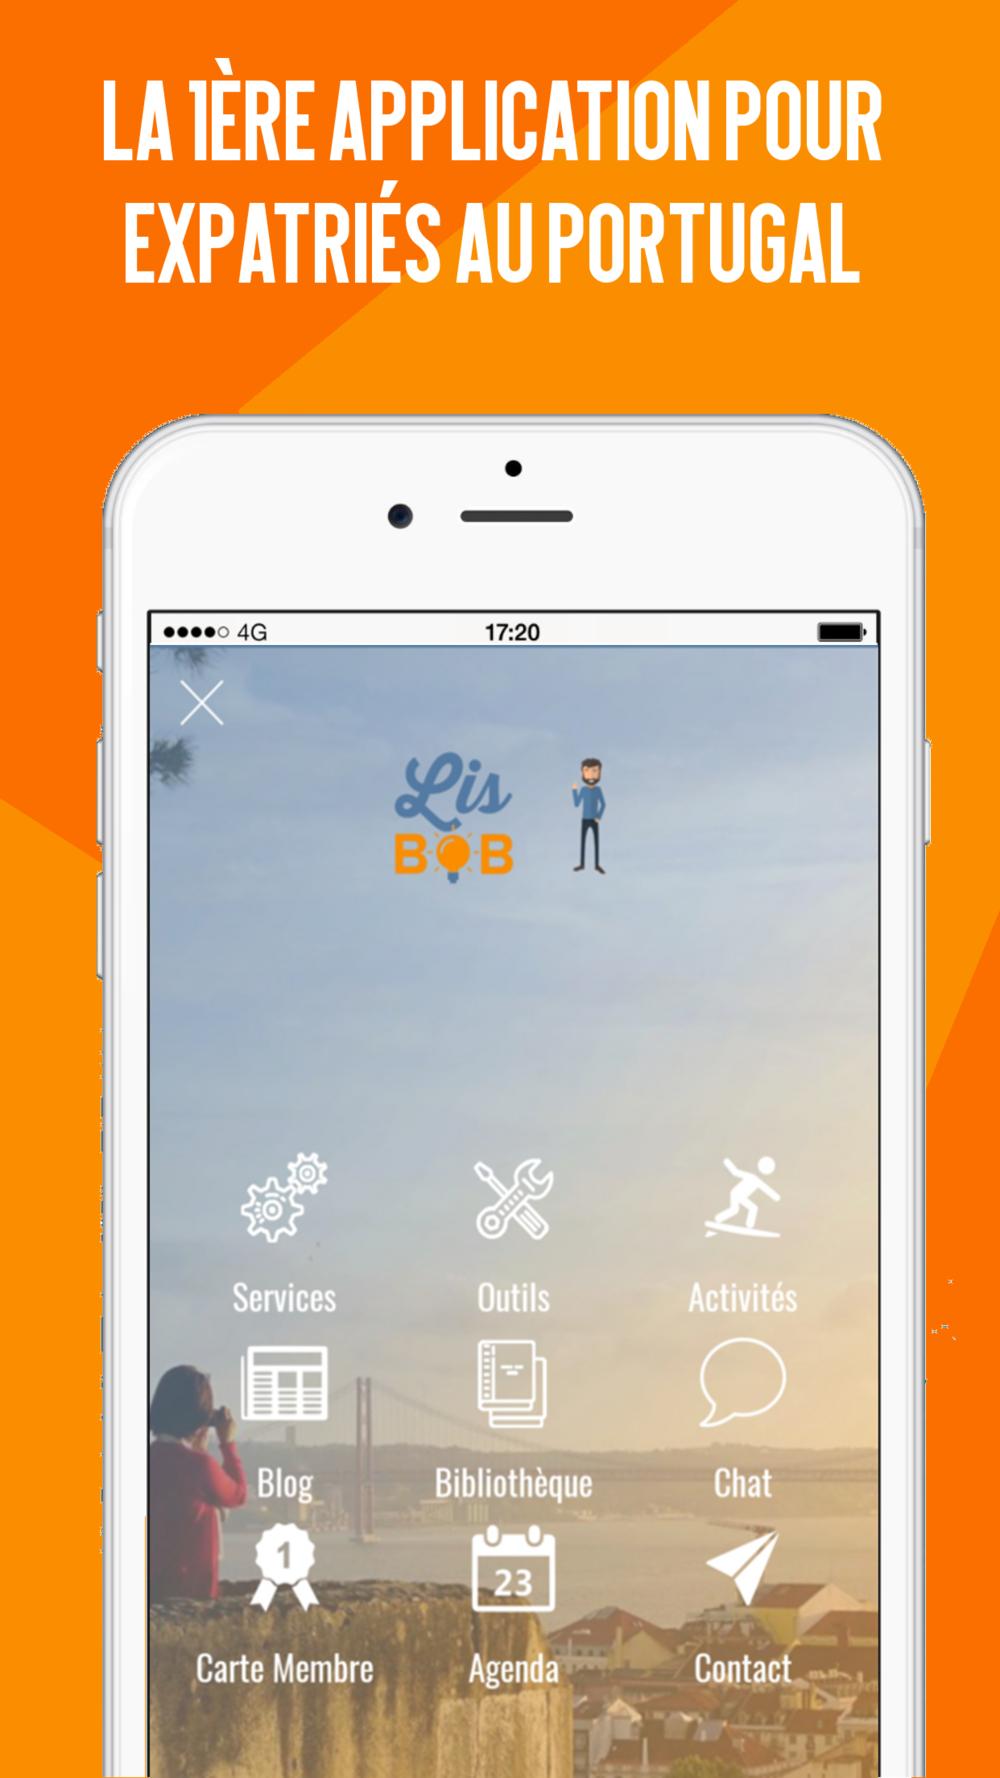 La 1ère application mobile pour expatriés au Portugal